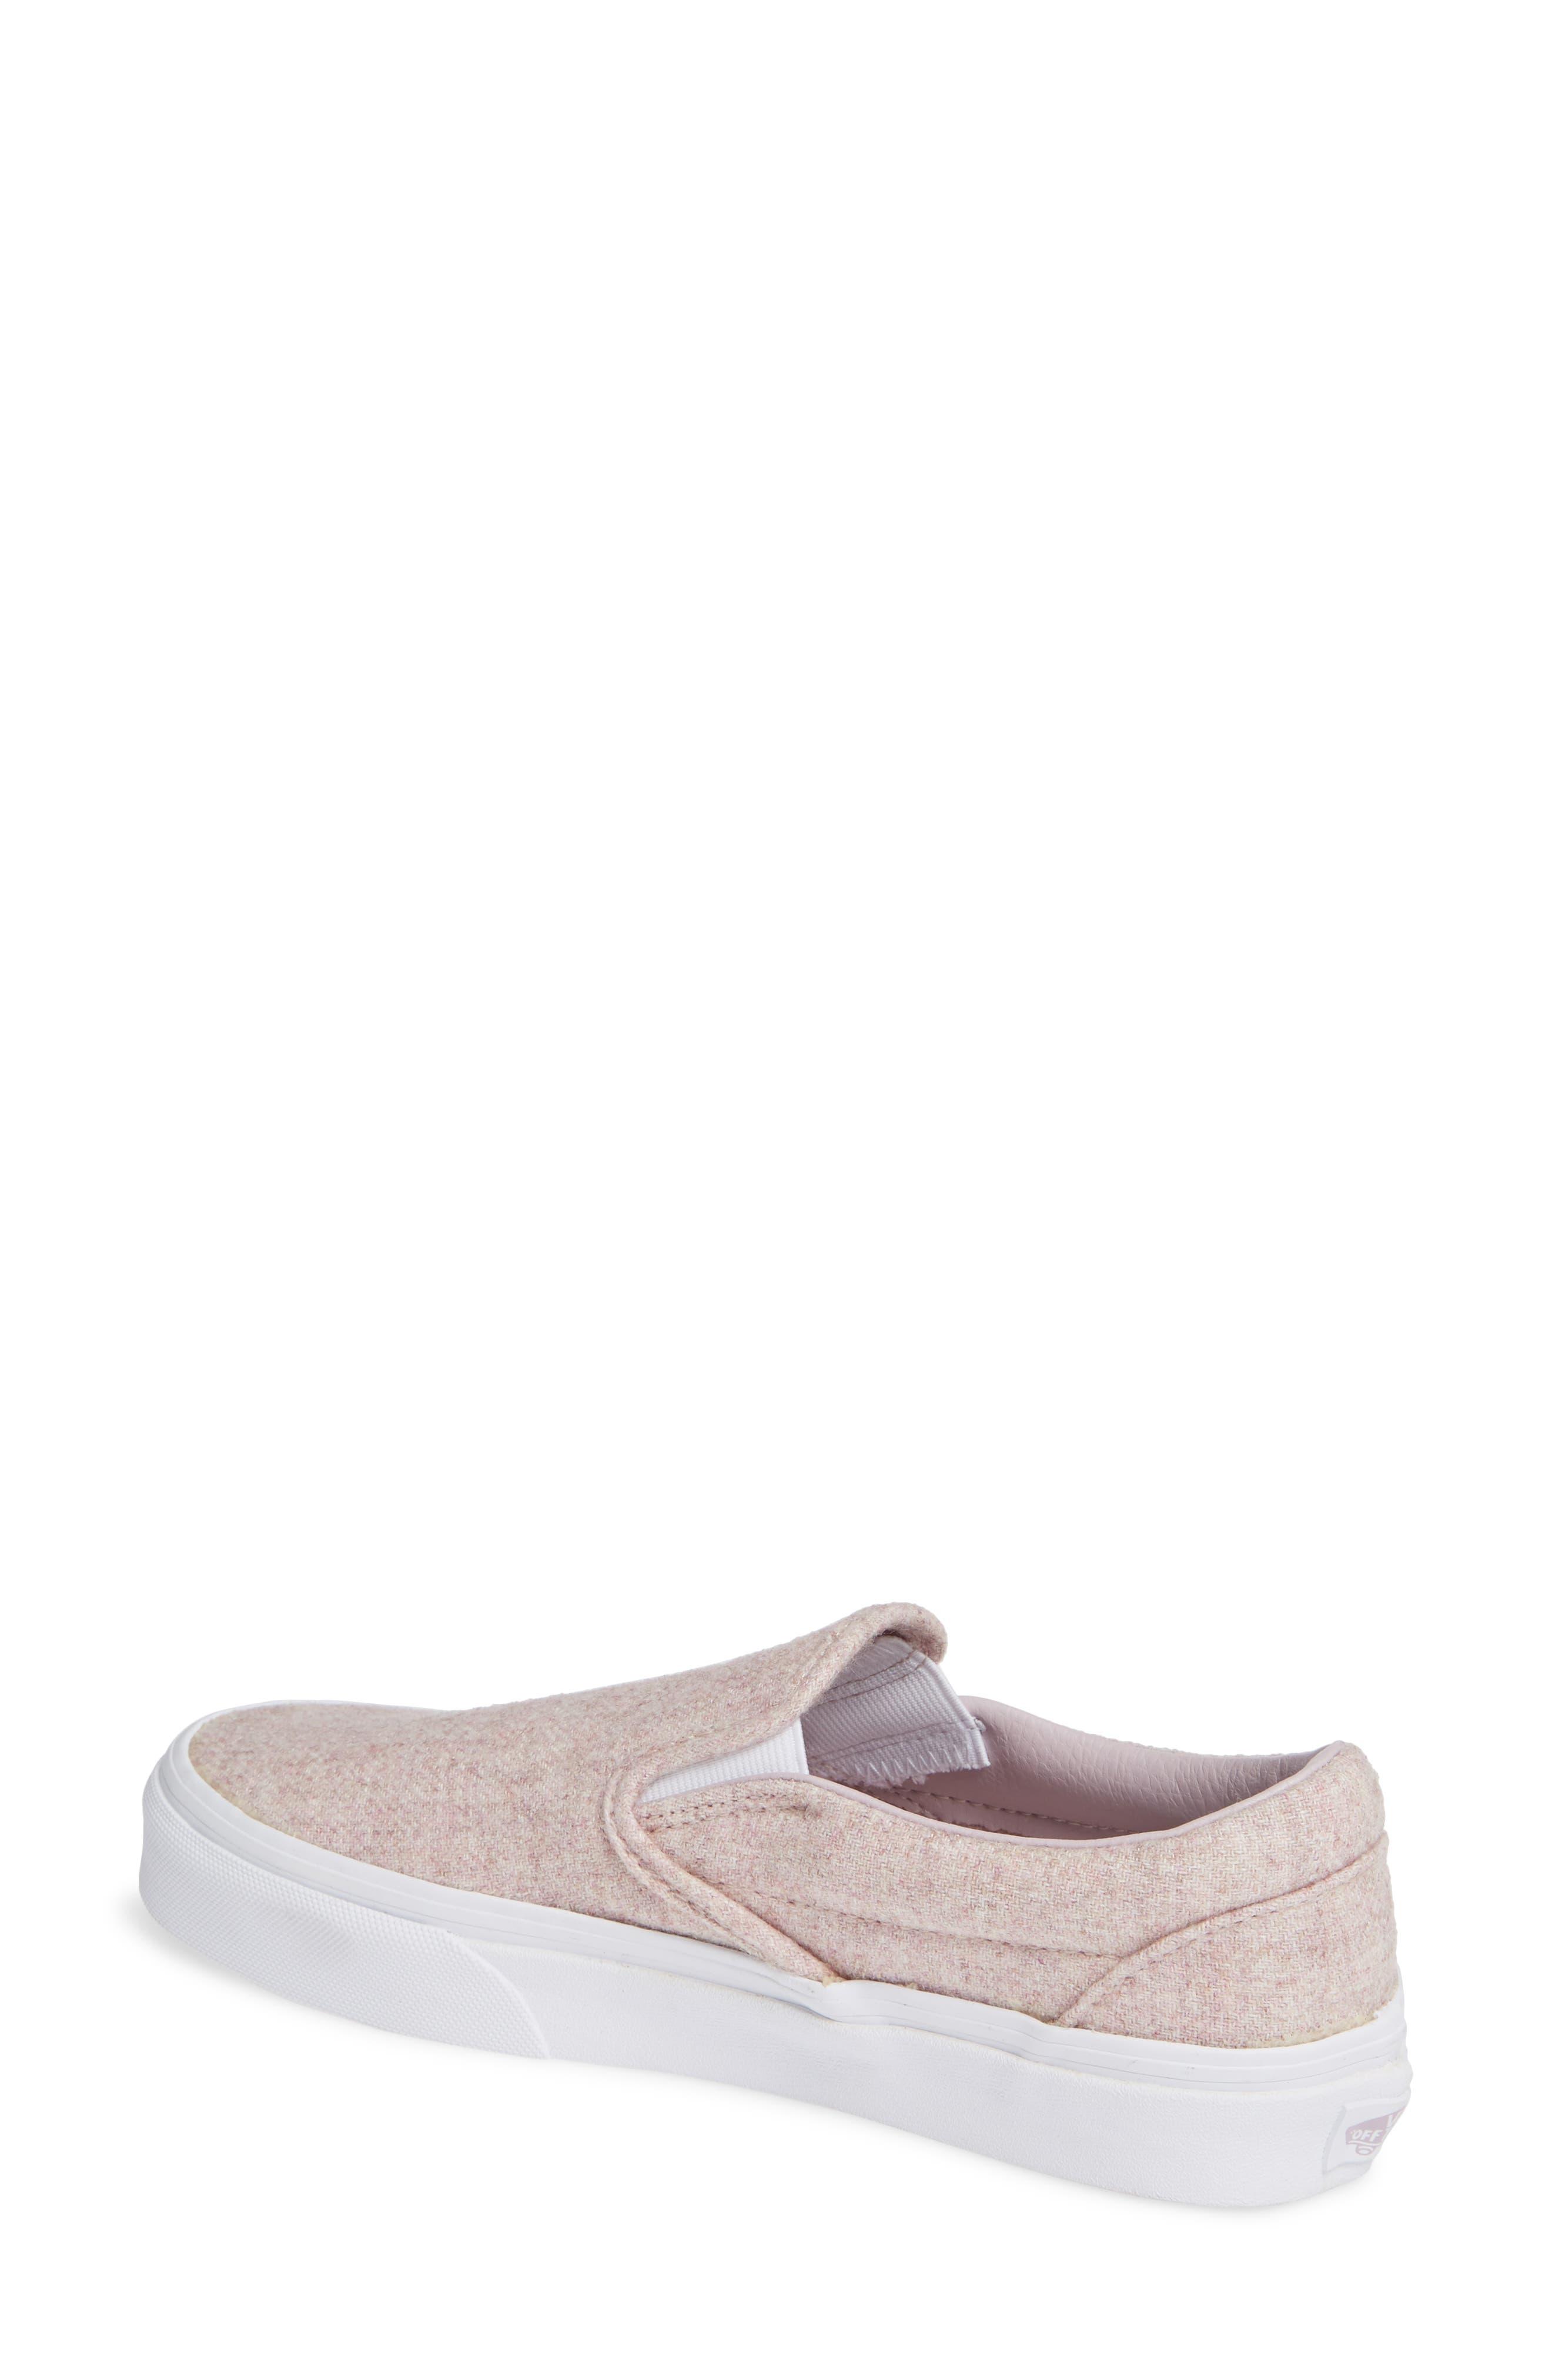 Classic Slip-On Sneaker,                             Alternate thumbnail 2, color,                             VIOLET ICE/ TRUE WHITE